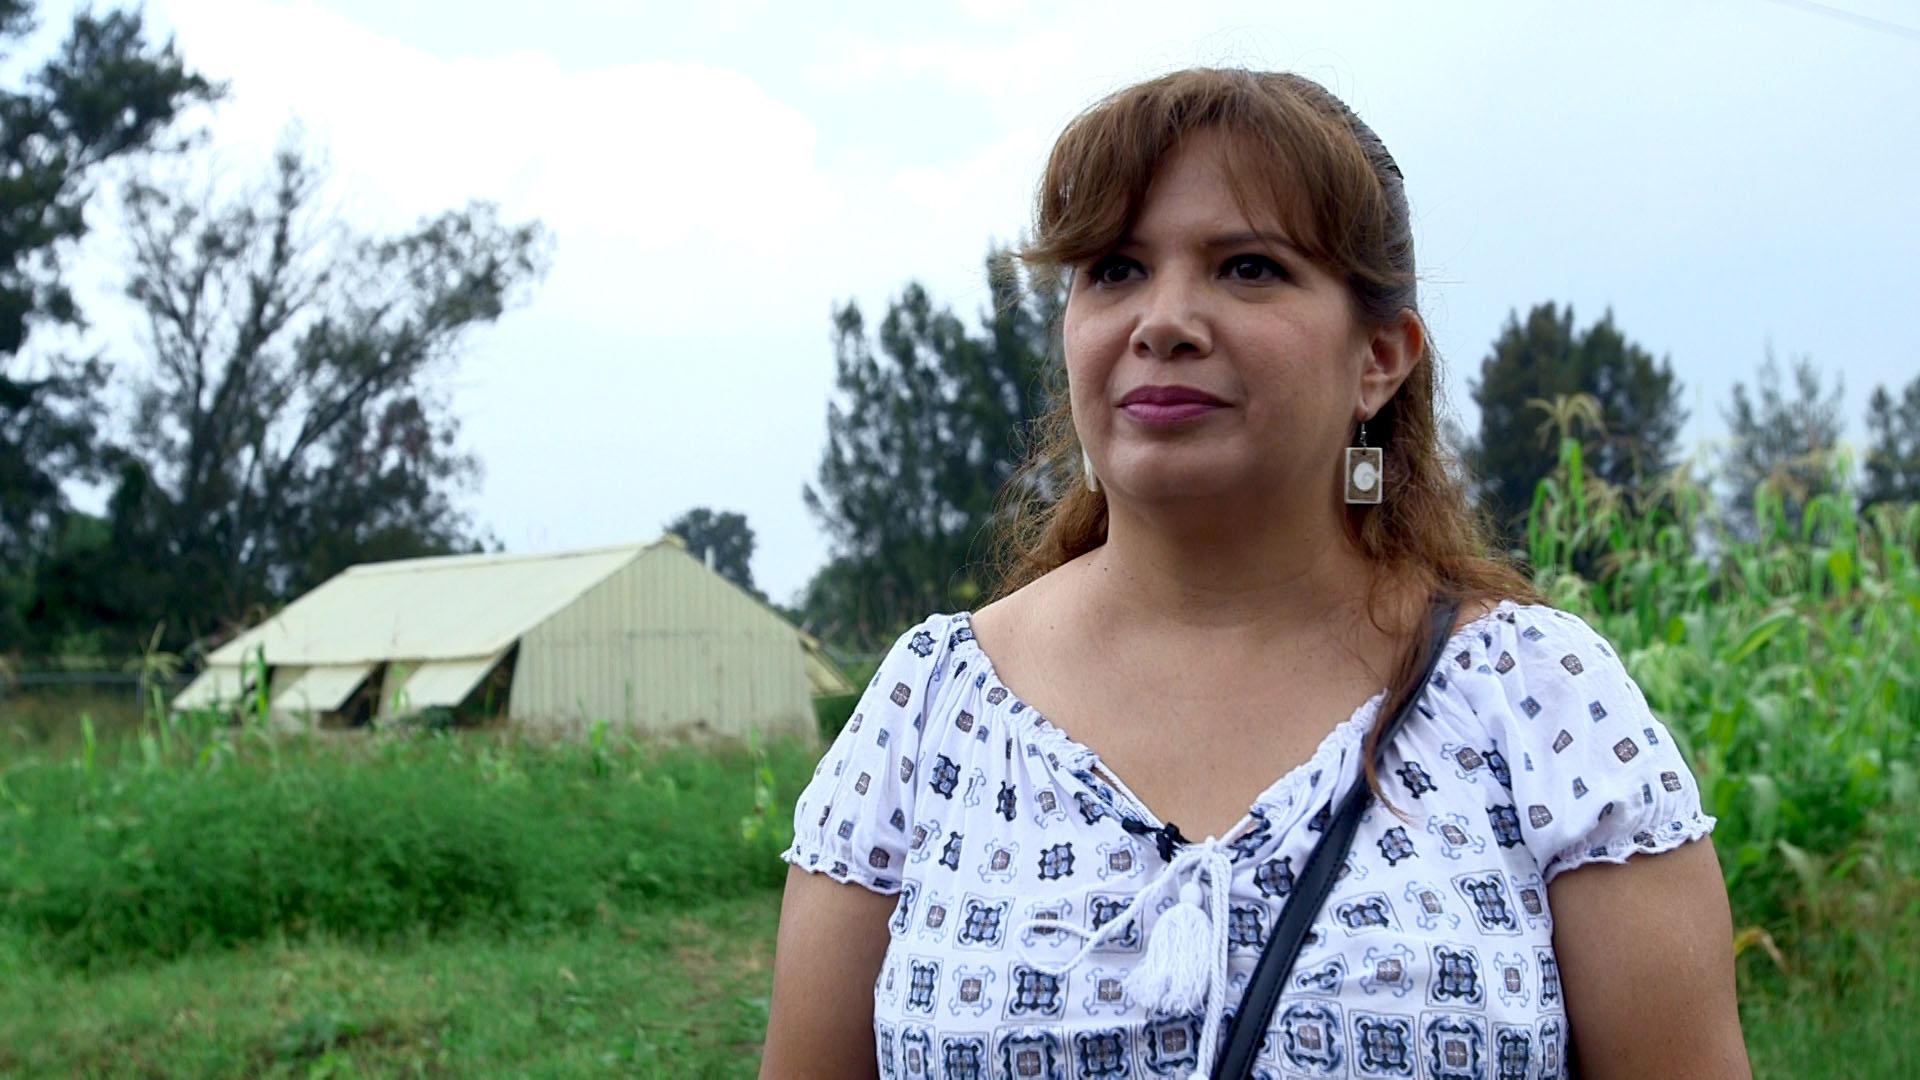 Blanca Ramírez Hernández, Investigadora del Departamento de Ecología del CUCBA